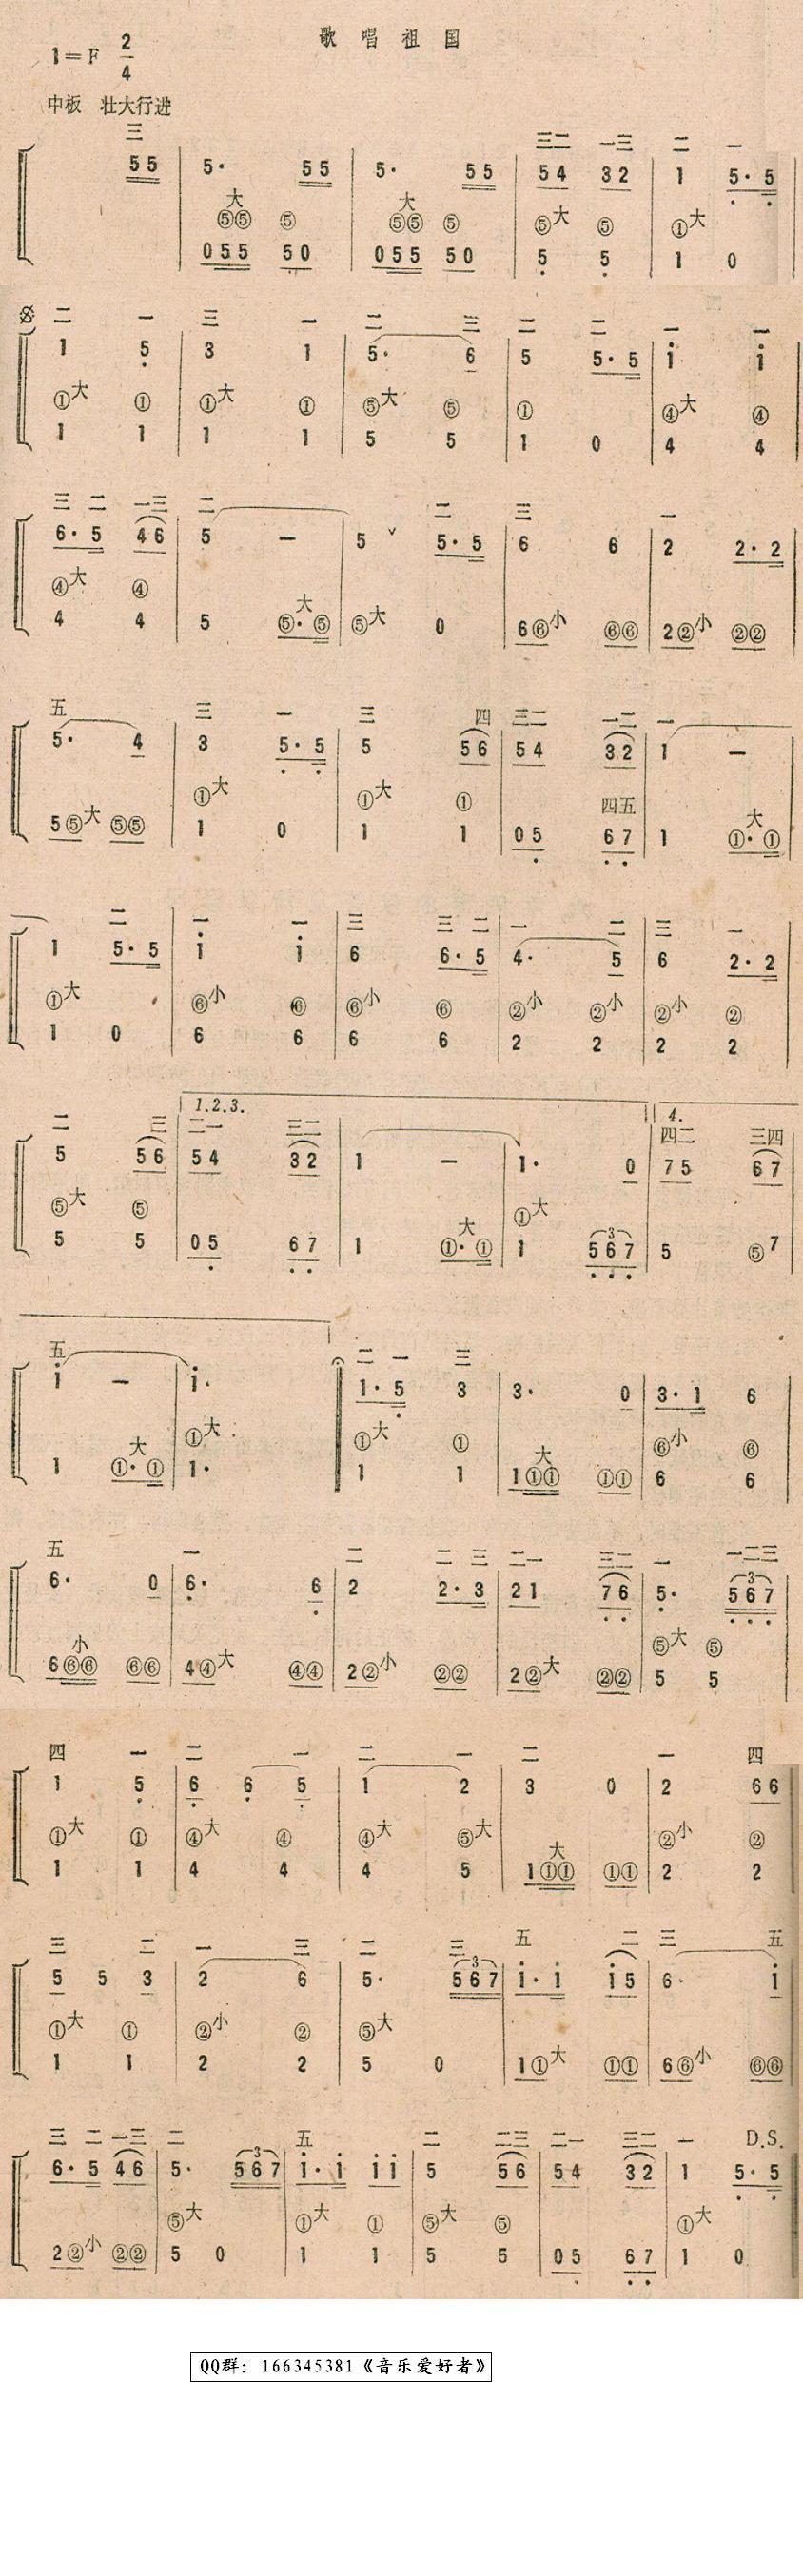 (歌唱祖国) / 鍚夋槦楂樼収传谱 相关歌谱